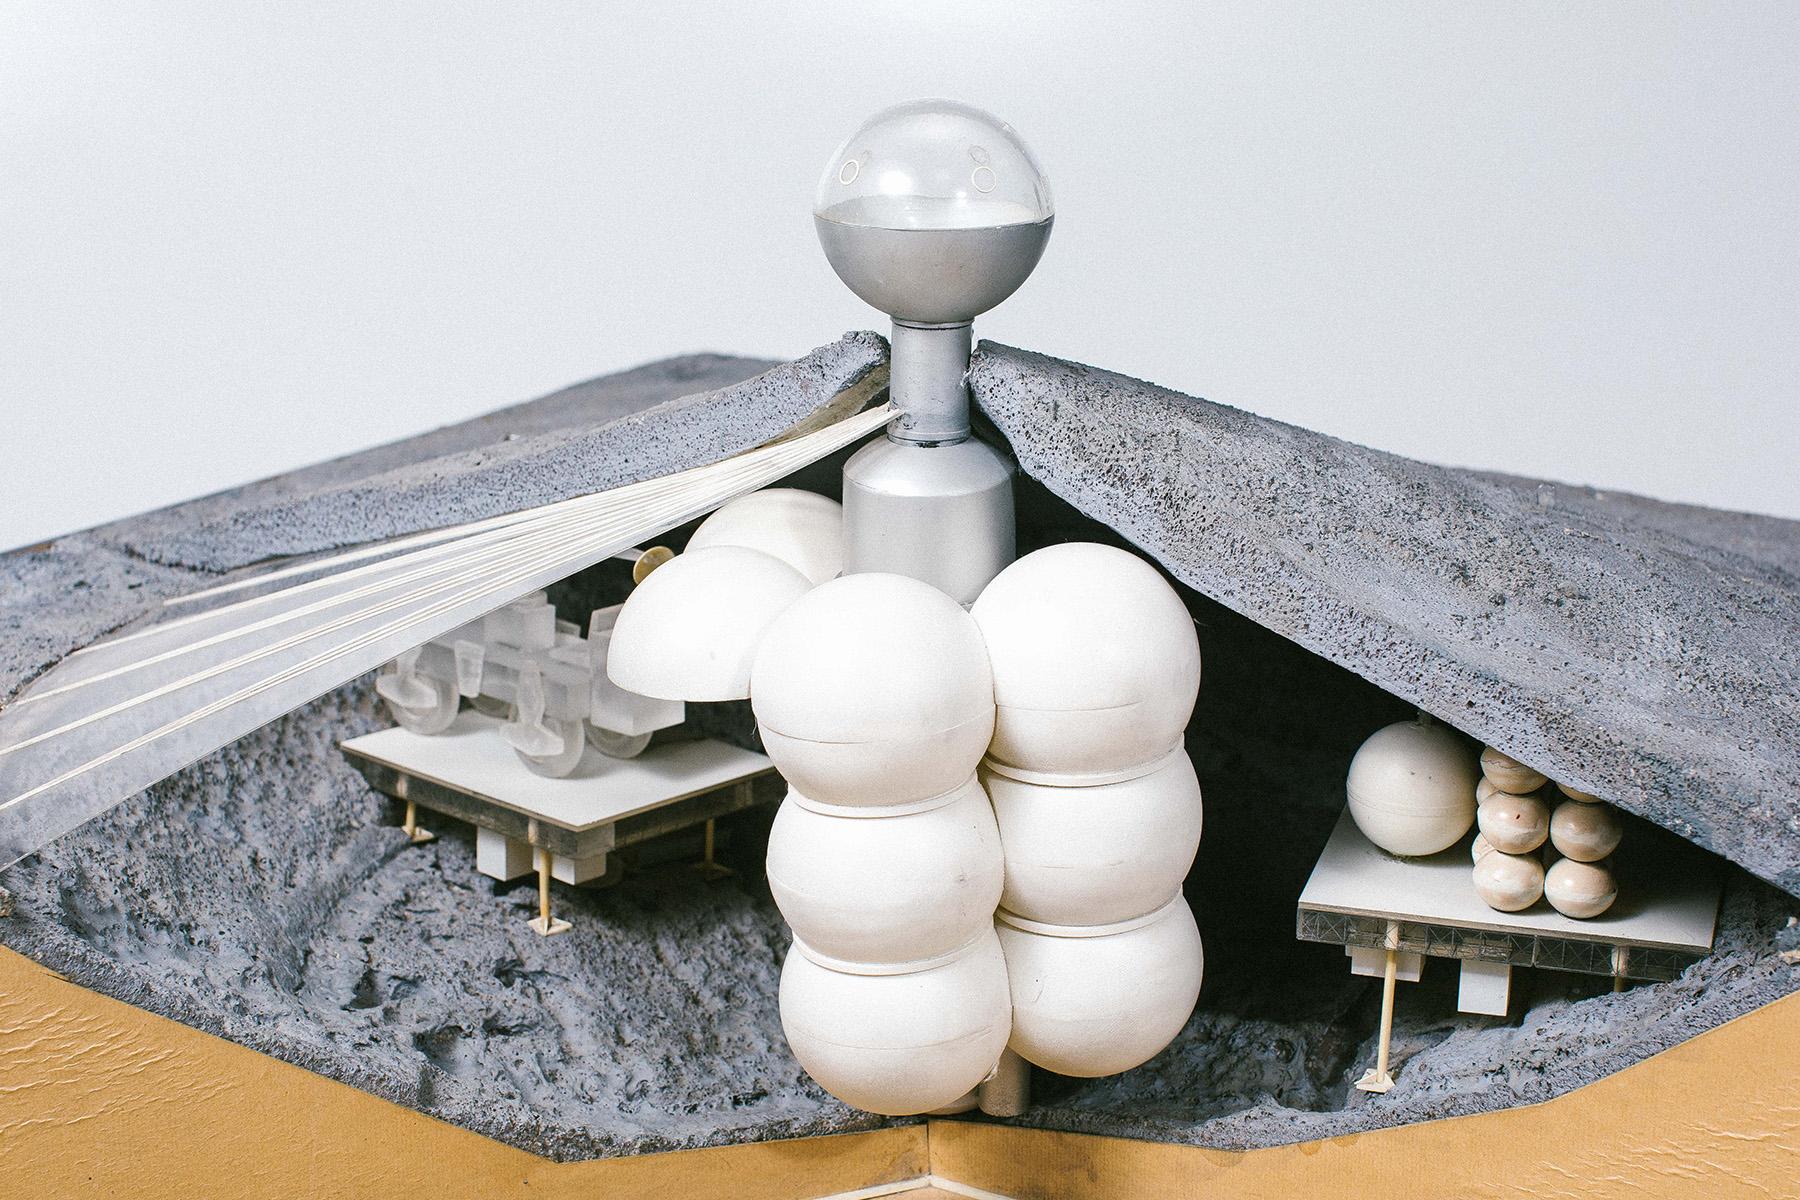 Выставка «Космический дизайн» в Музее космонавтики